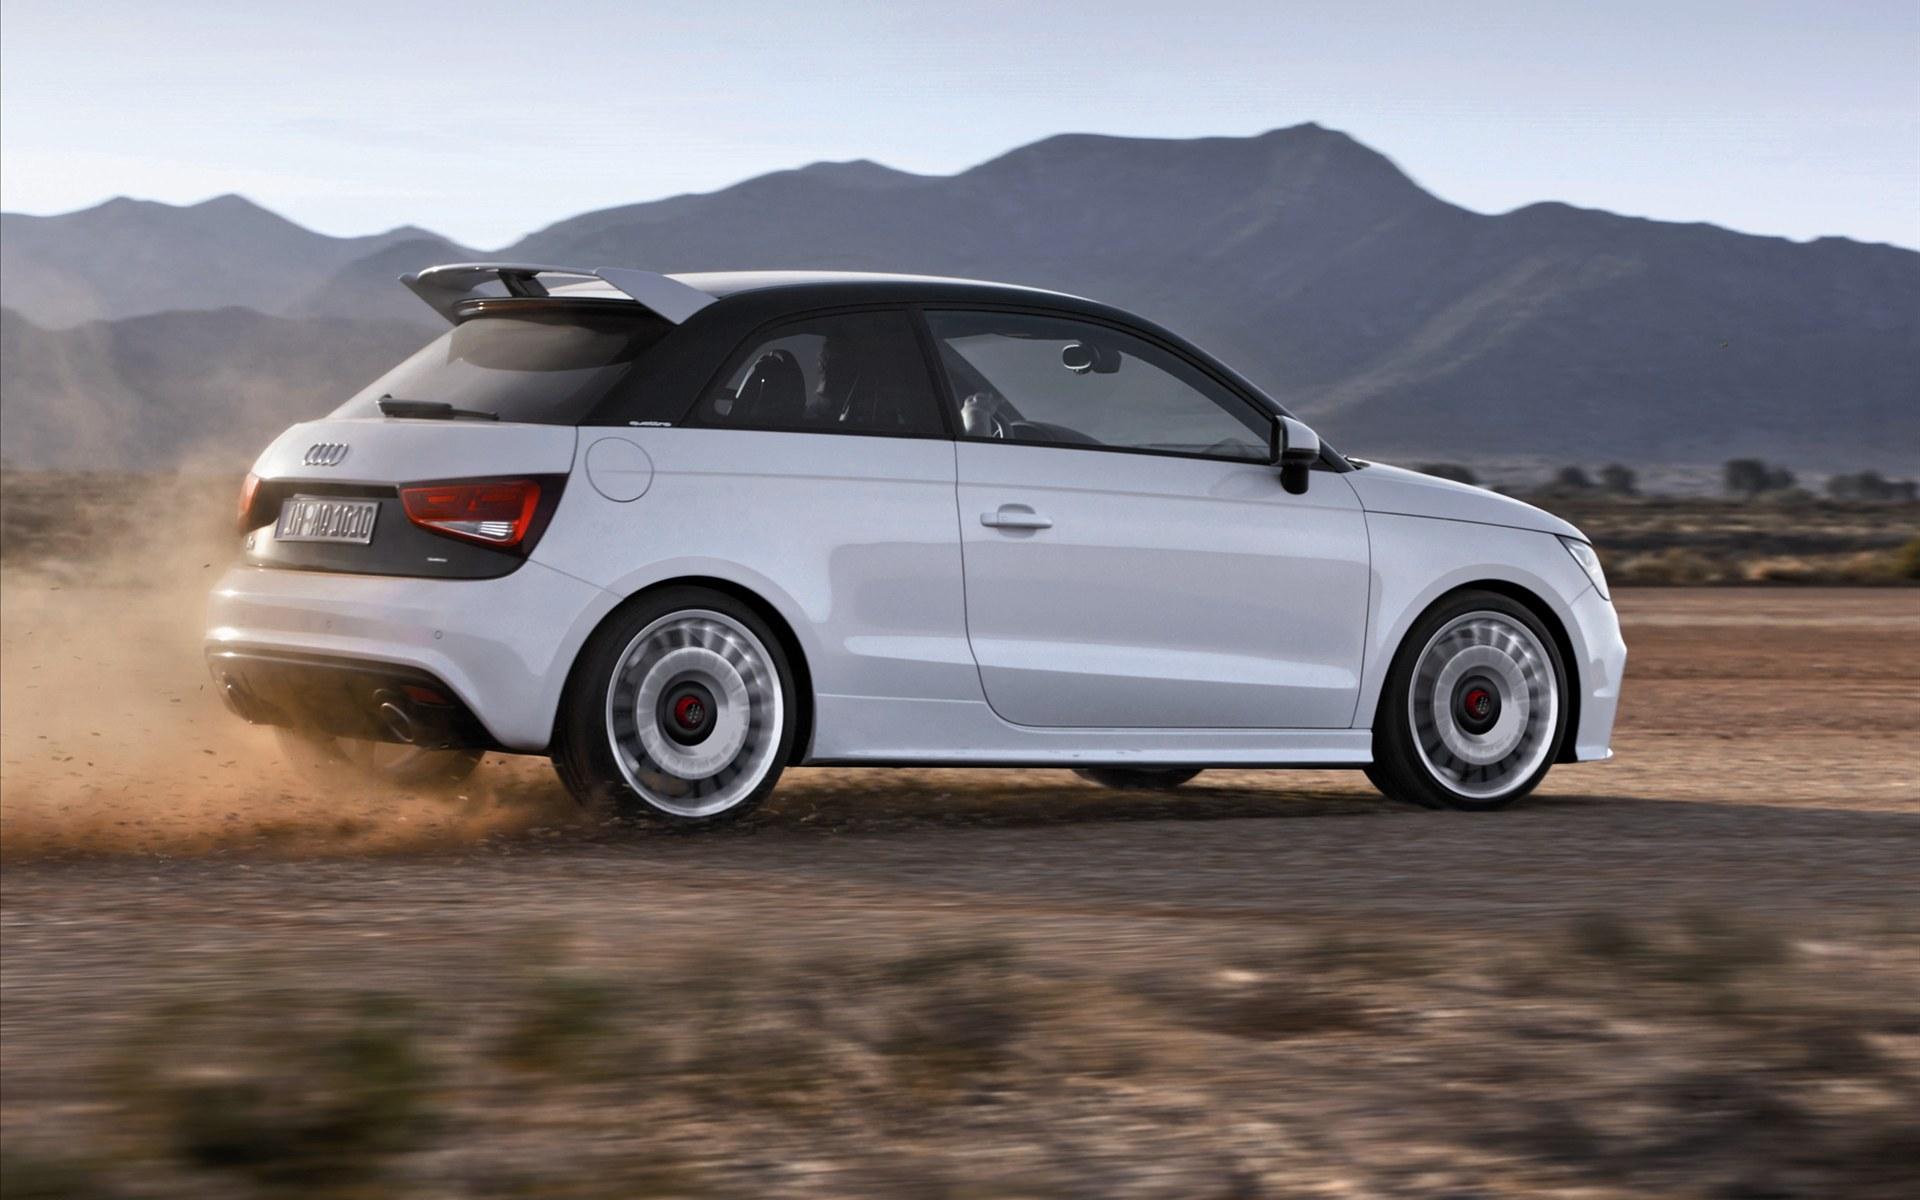 audi a1 neu 4 - Audi A1 neu bilder